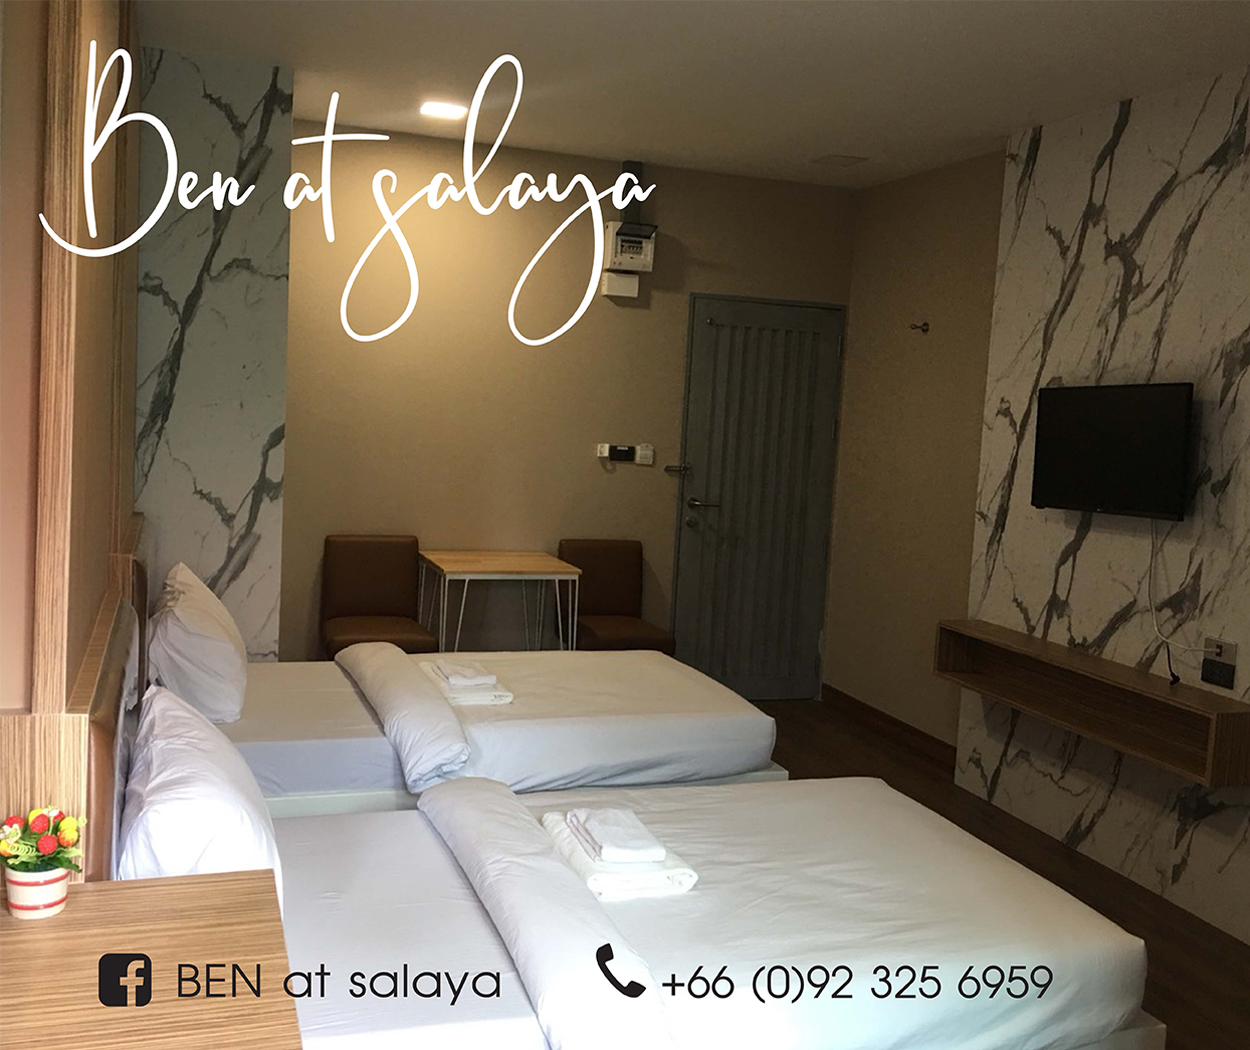 Ben at Salaya